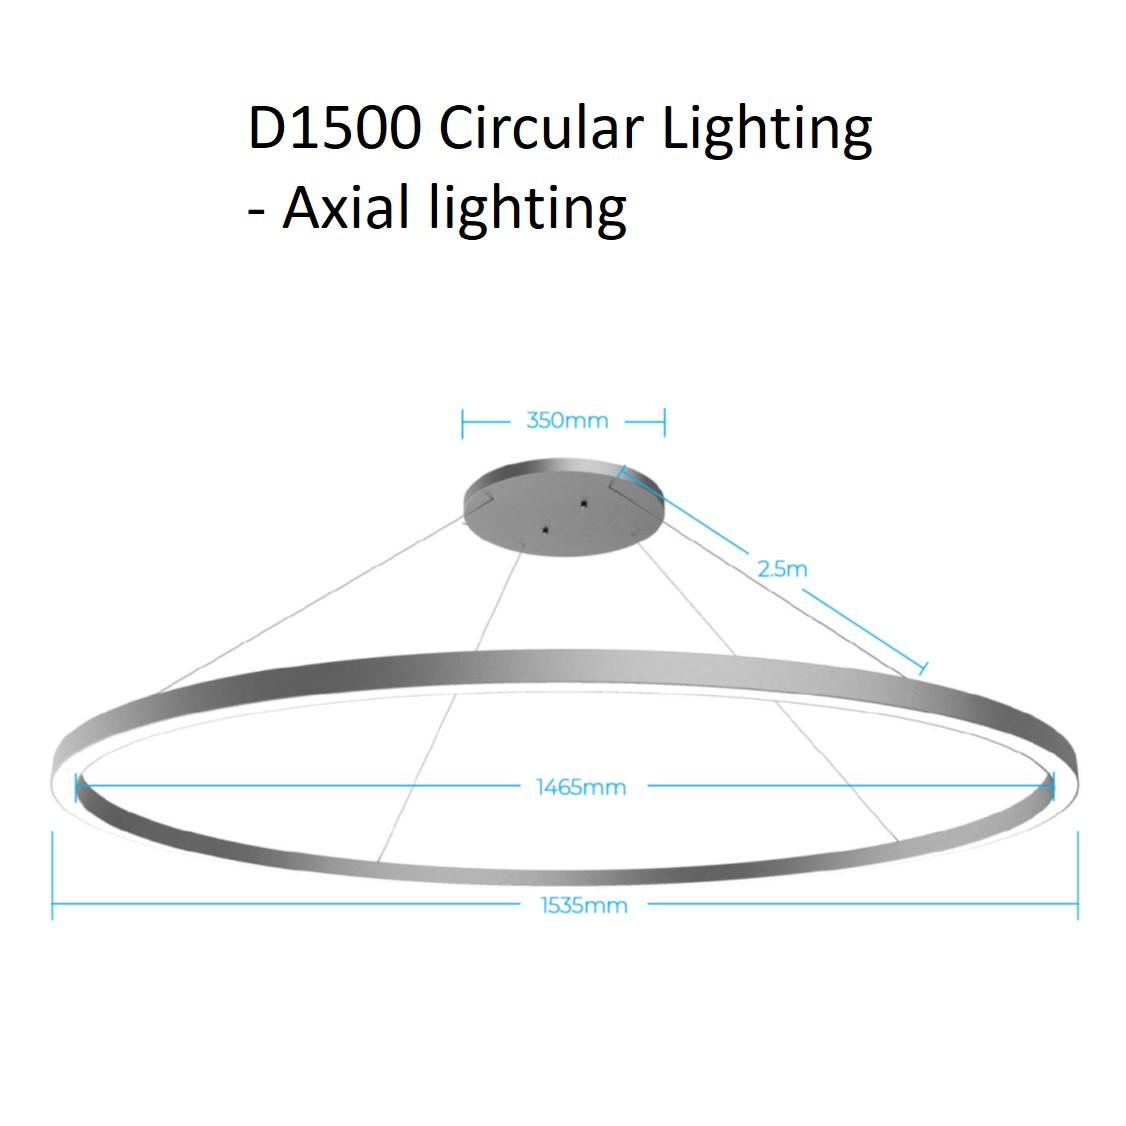 D1500 circular lighting - axial